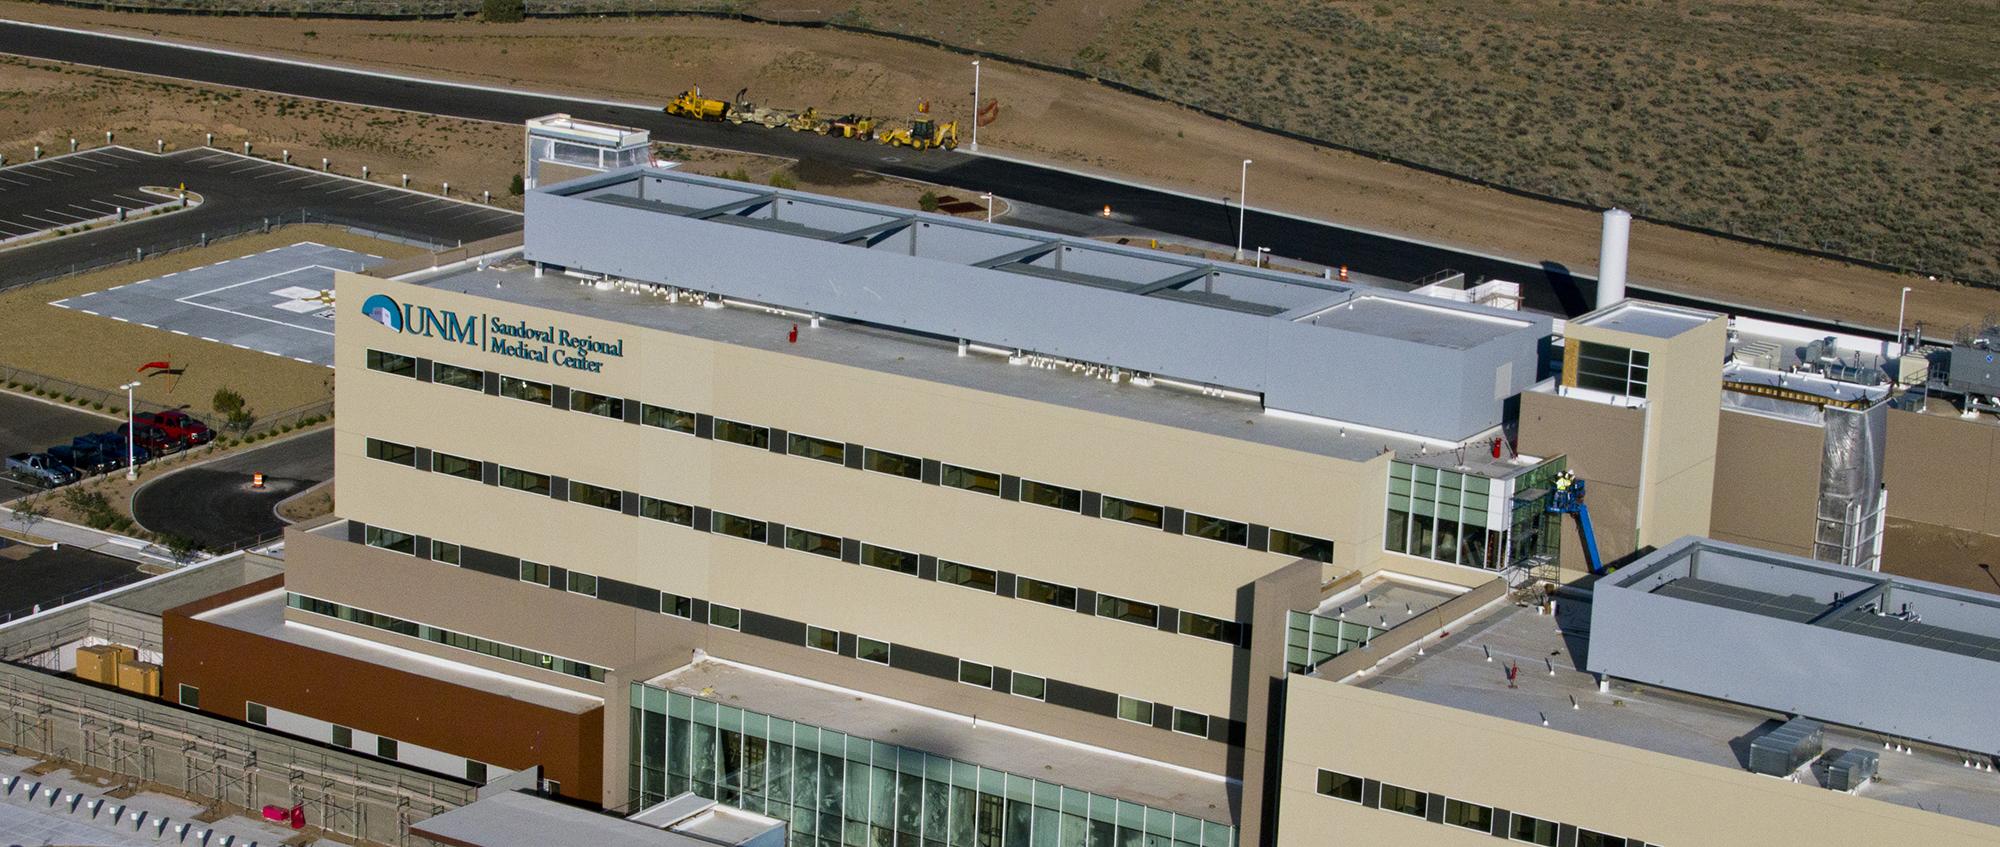 Vista aérea del Centro Médico Regional Sandoval